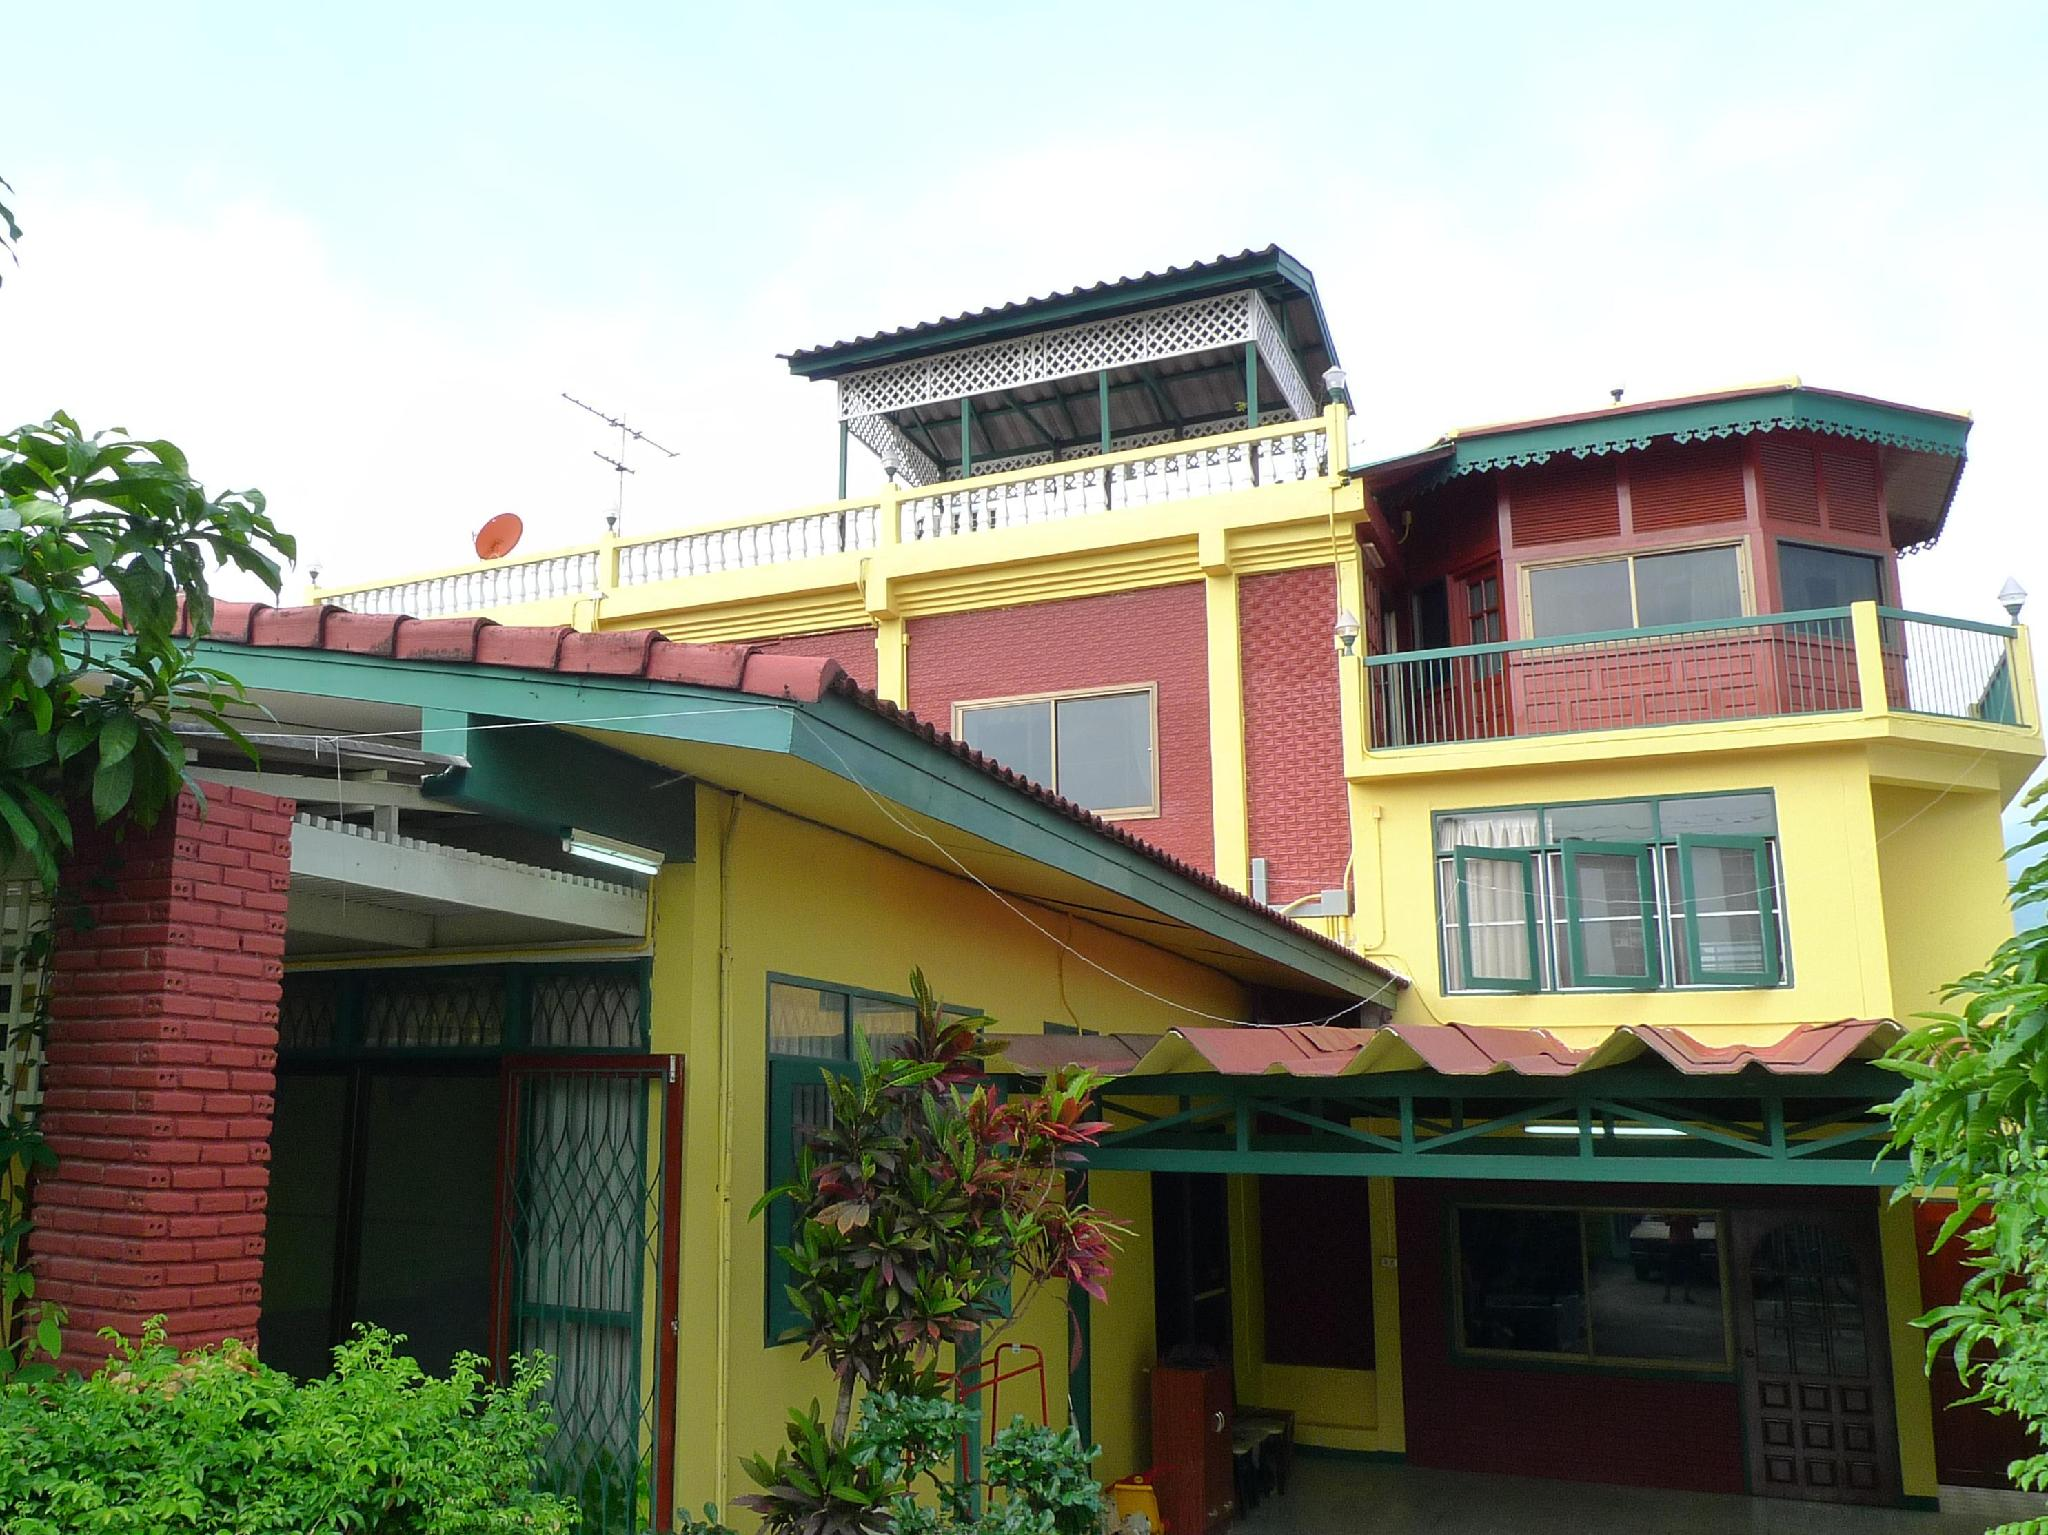 รีวิว บ้านแก้วตา (Baankaewta)